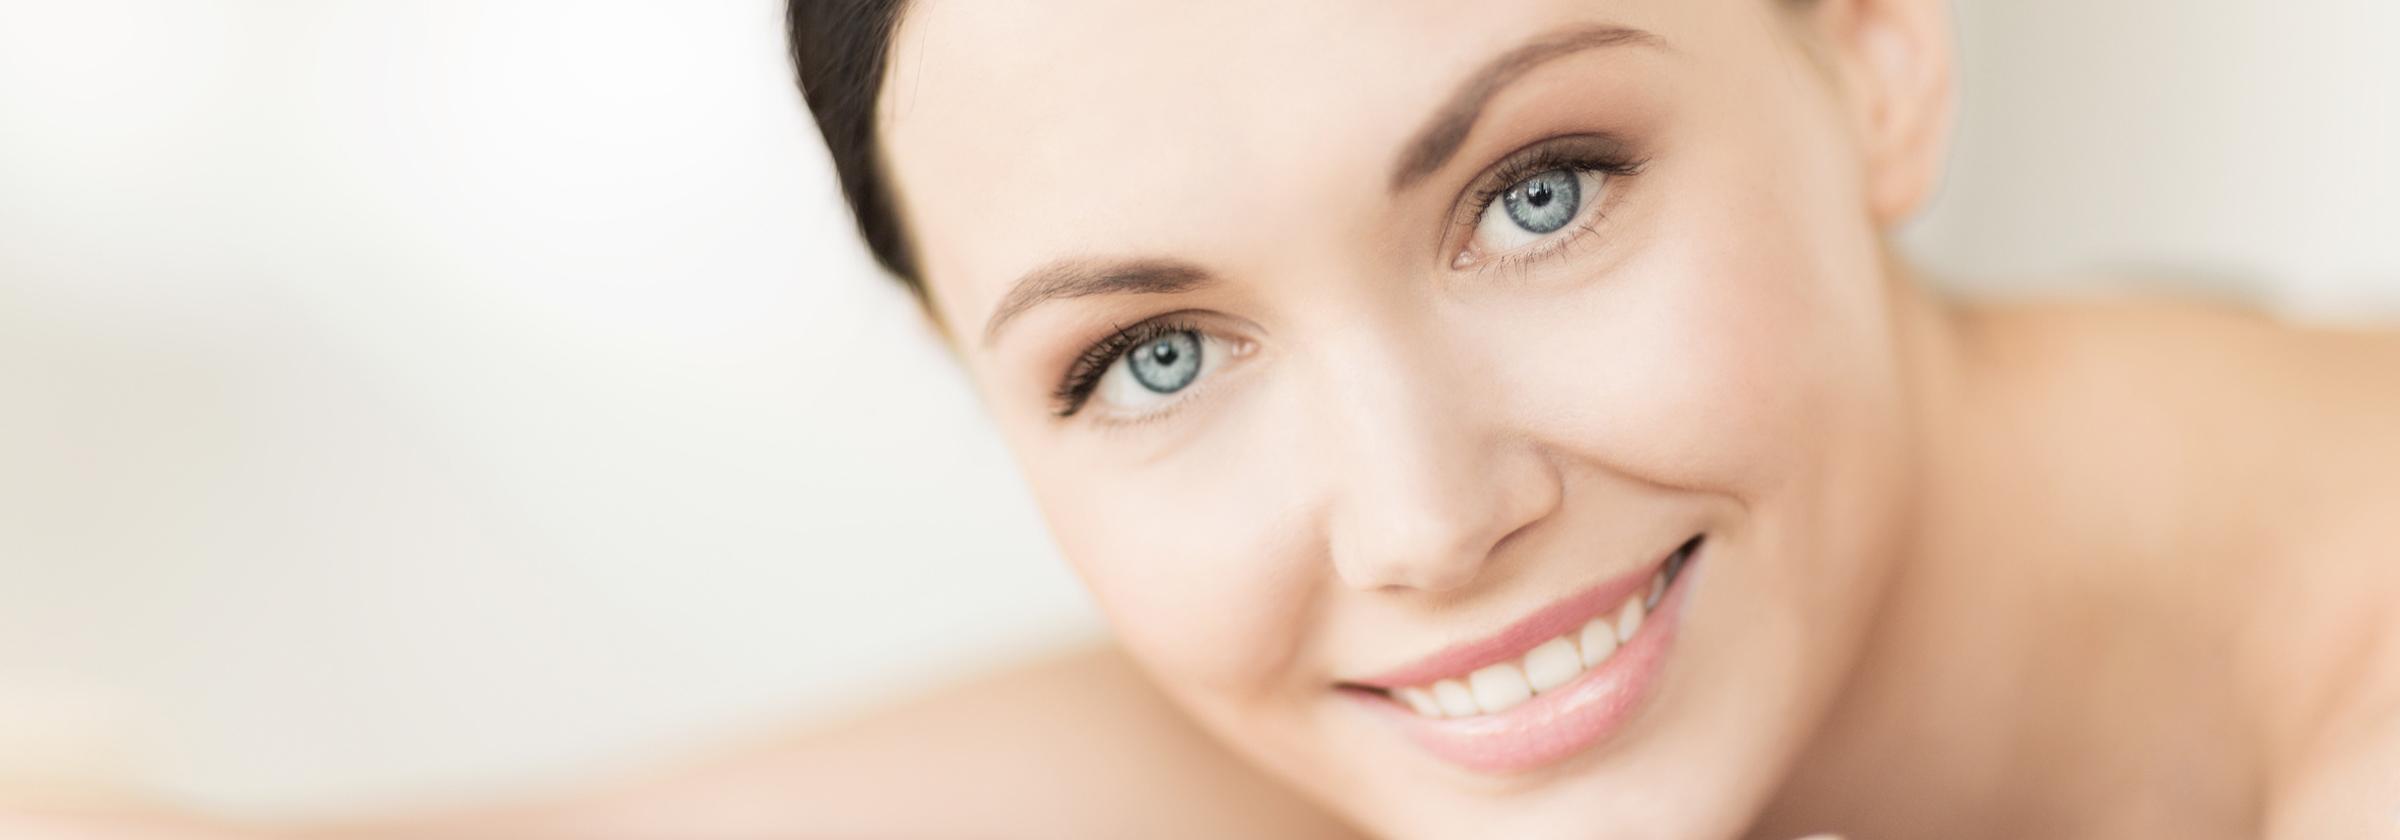 Quelle der Schöneheit Behandlungen Frauen